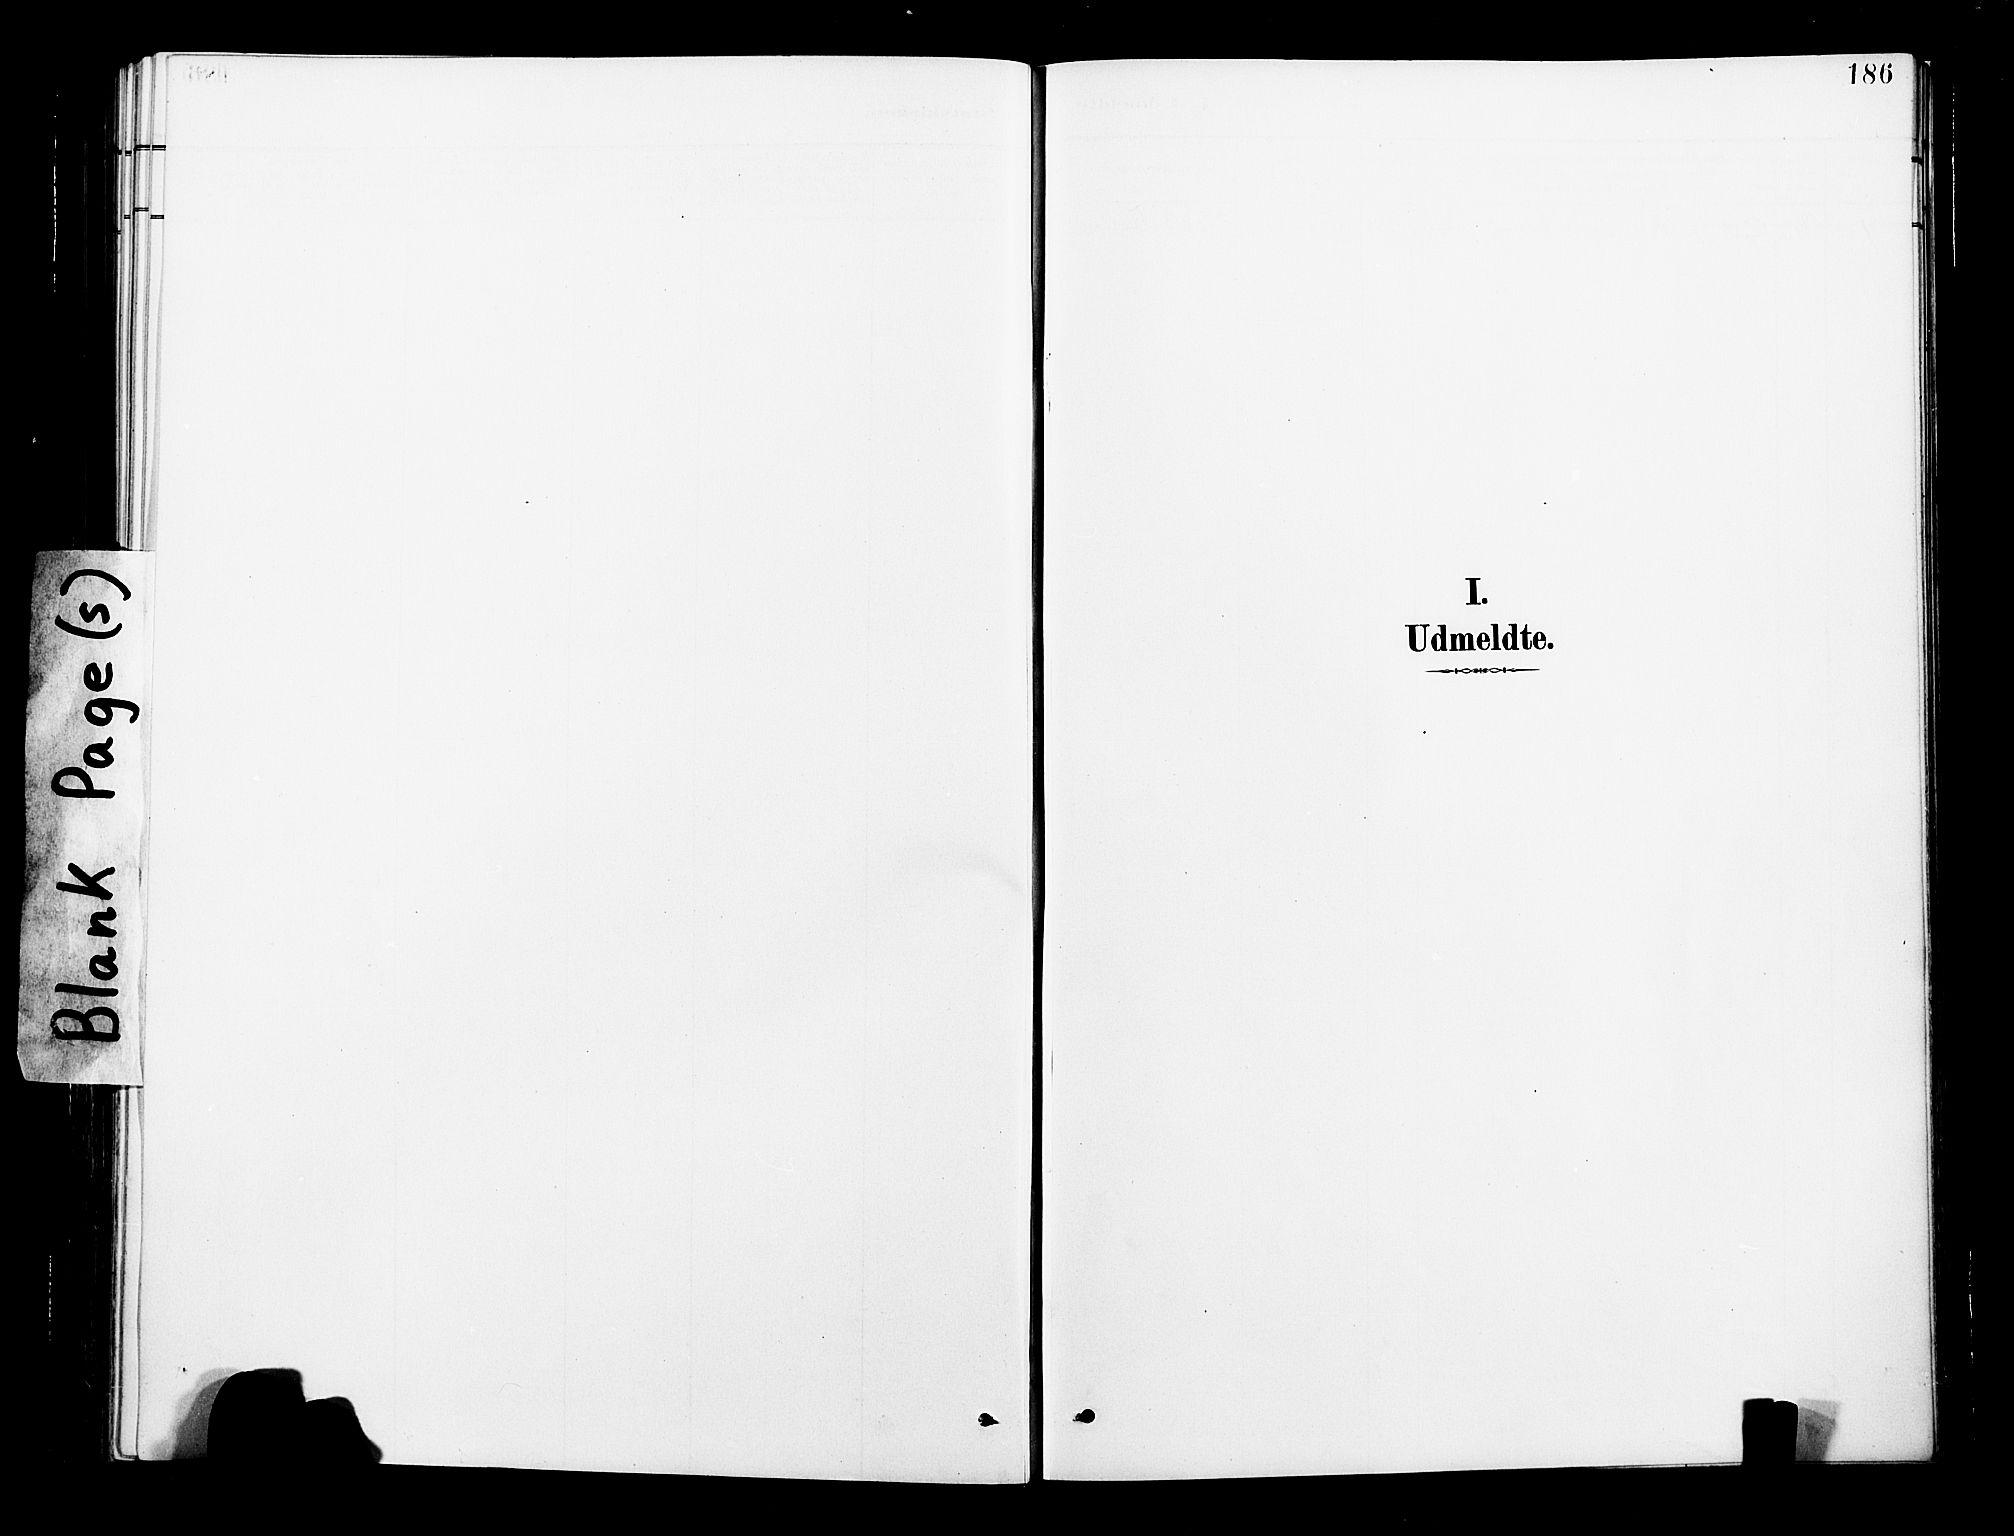 SAT, Ministerialprotokoller, klokkerbøker og fødselsregistre - Nord-Trøndelag, 713/L0121: Ministerialbok nr. 713A10, 1888-1898, s. 186